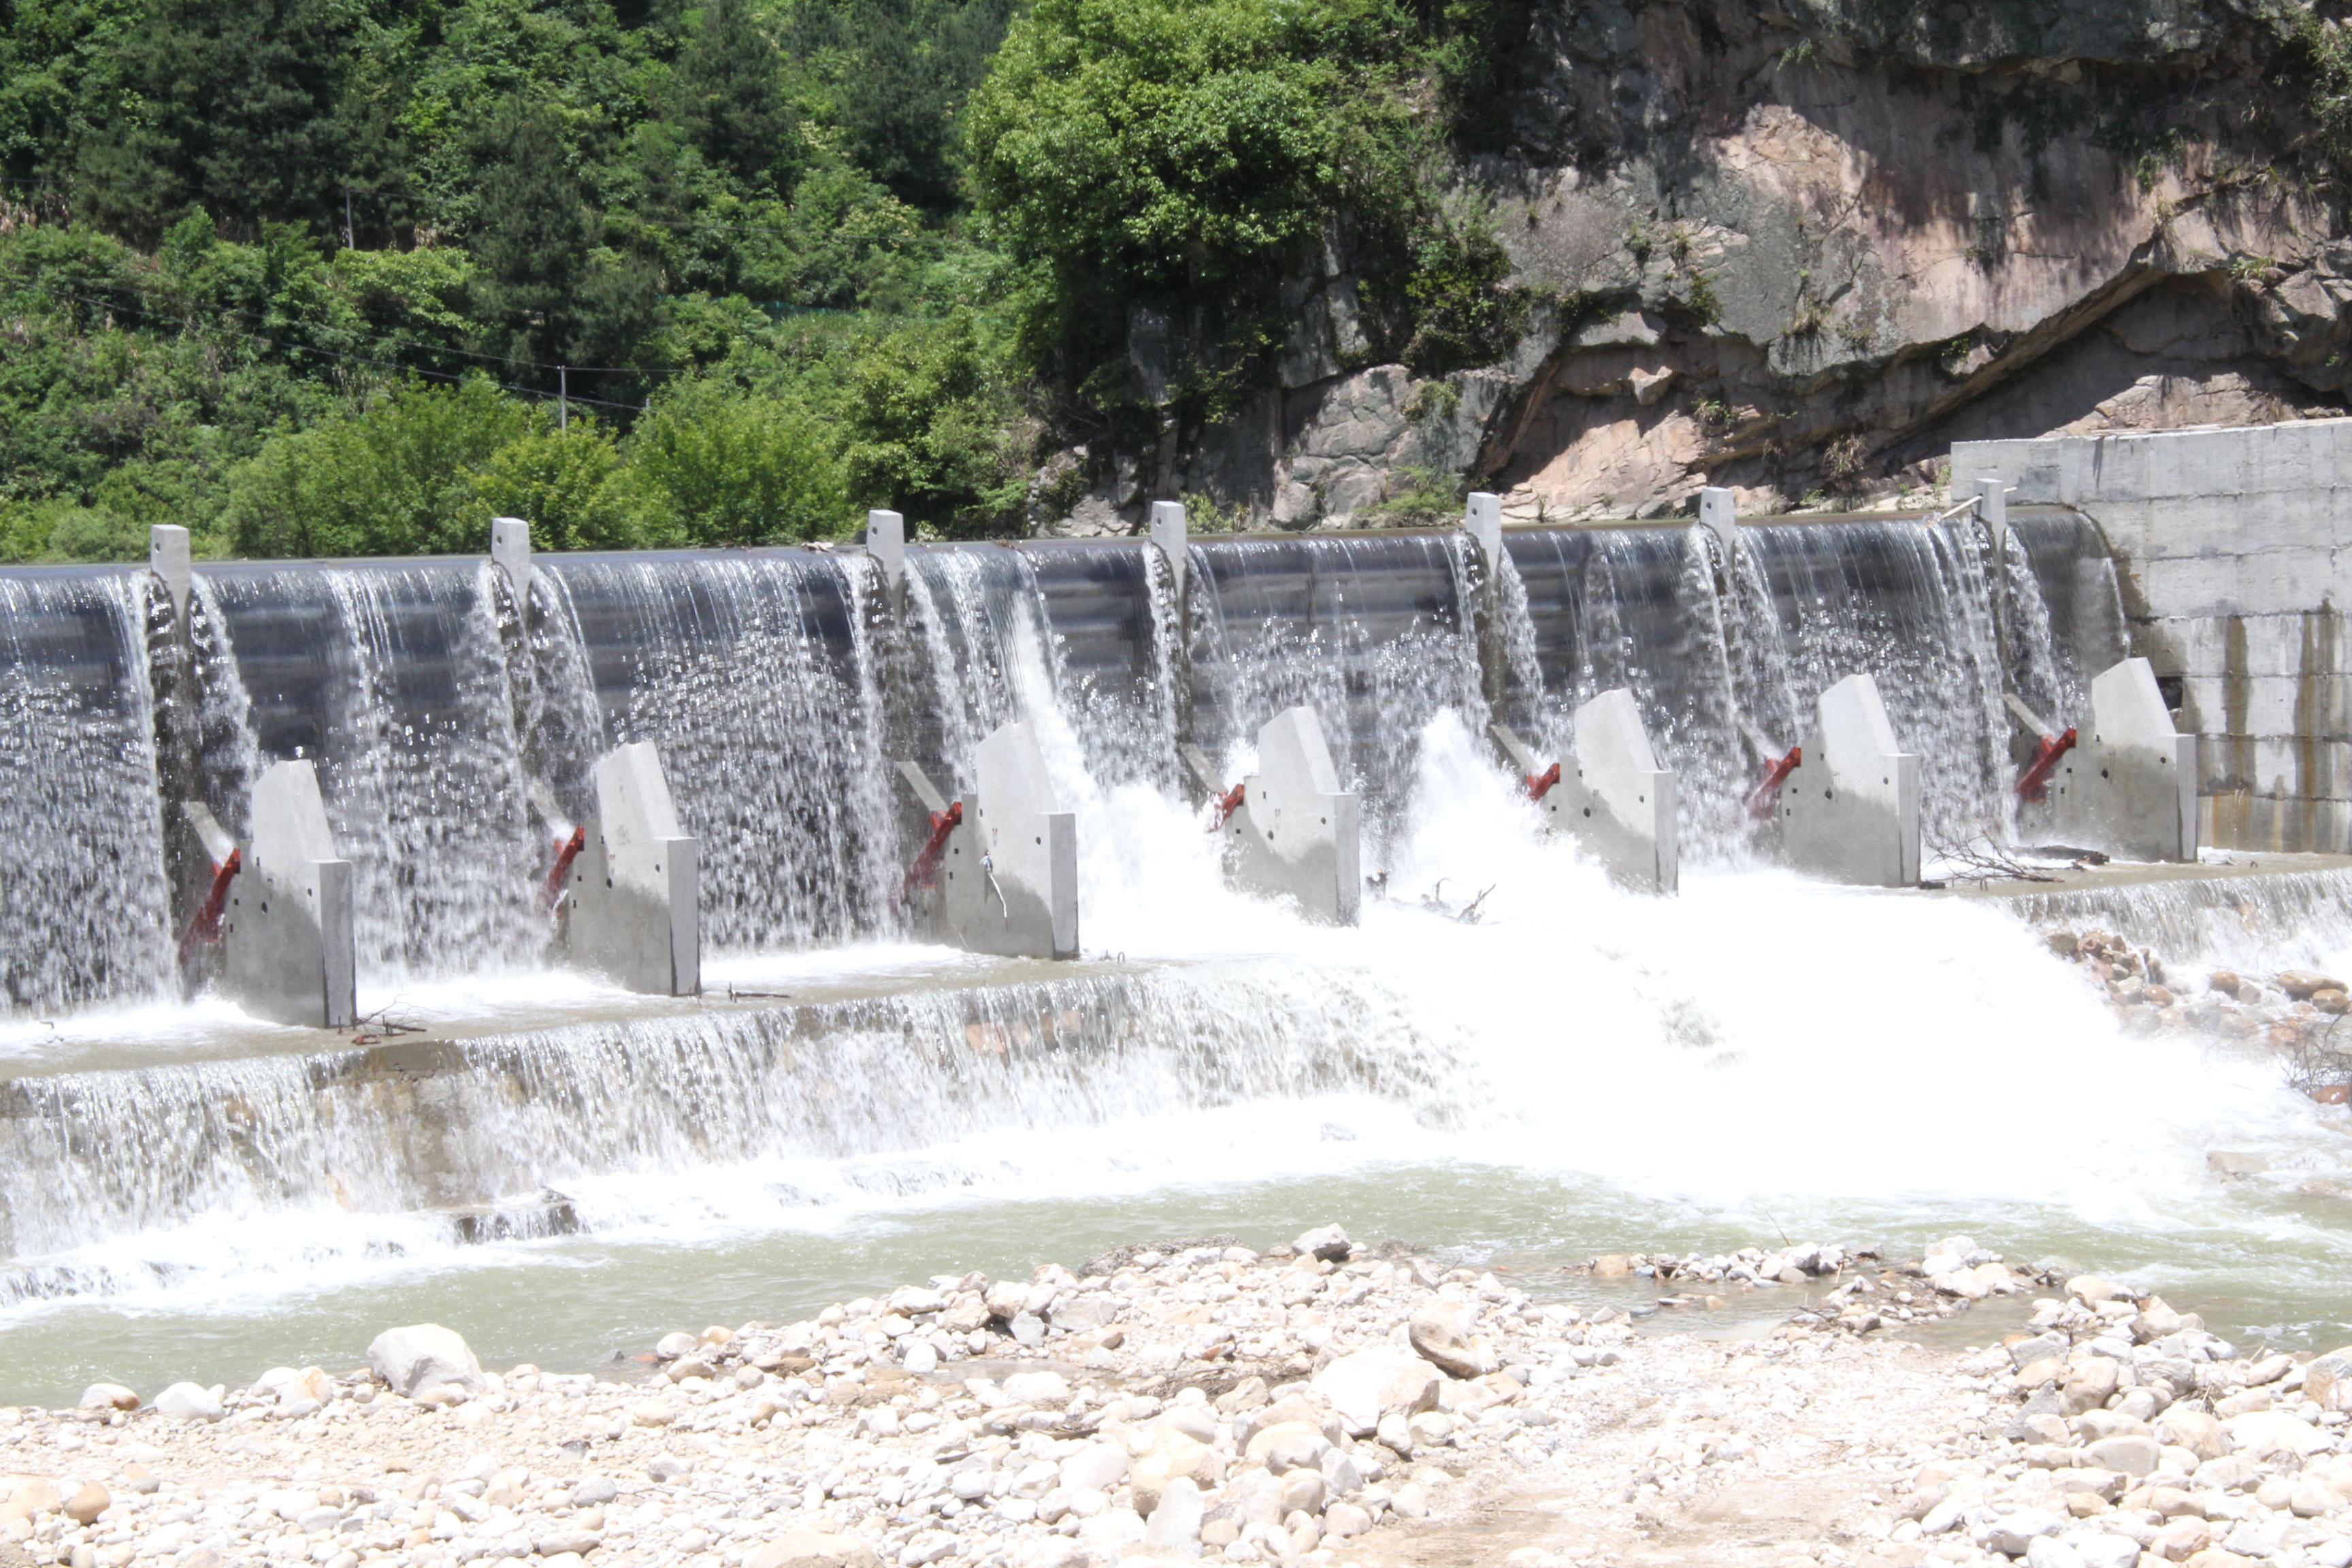 岳西县彩虹瀑布旅游公司倾斜式闸门